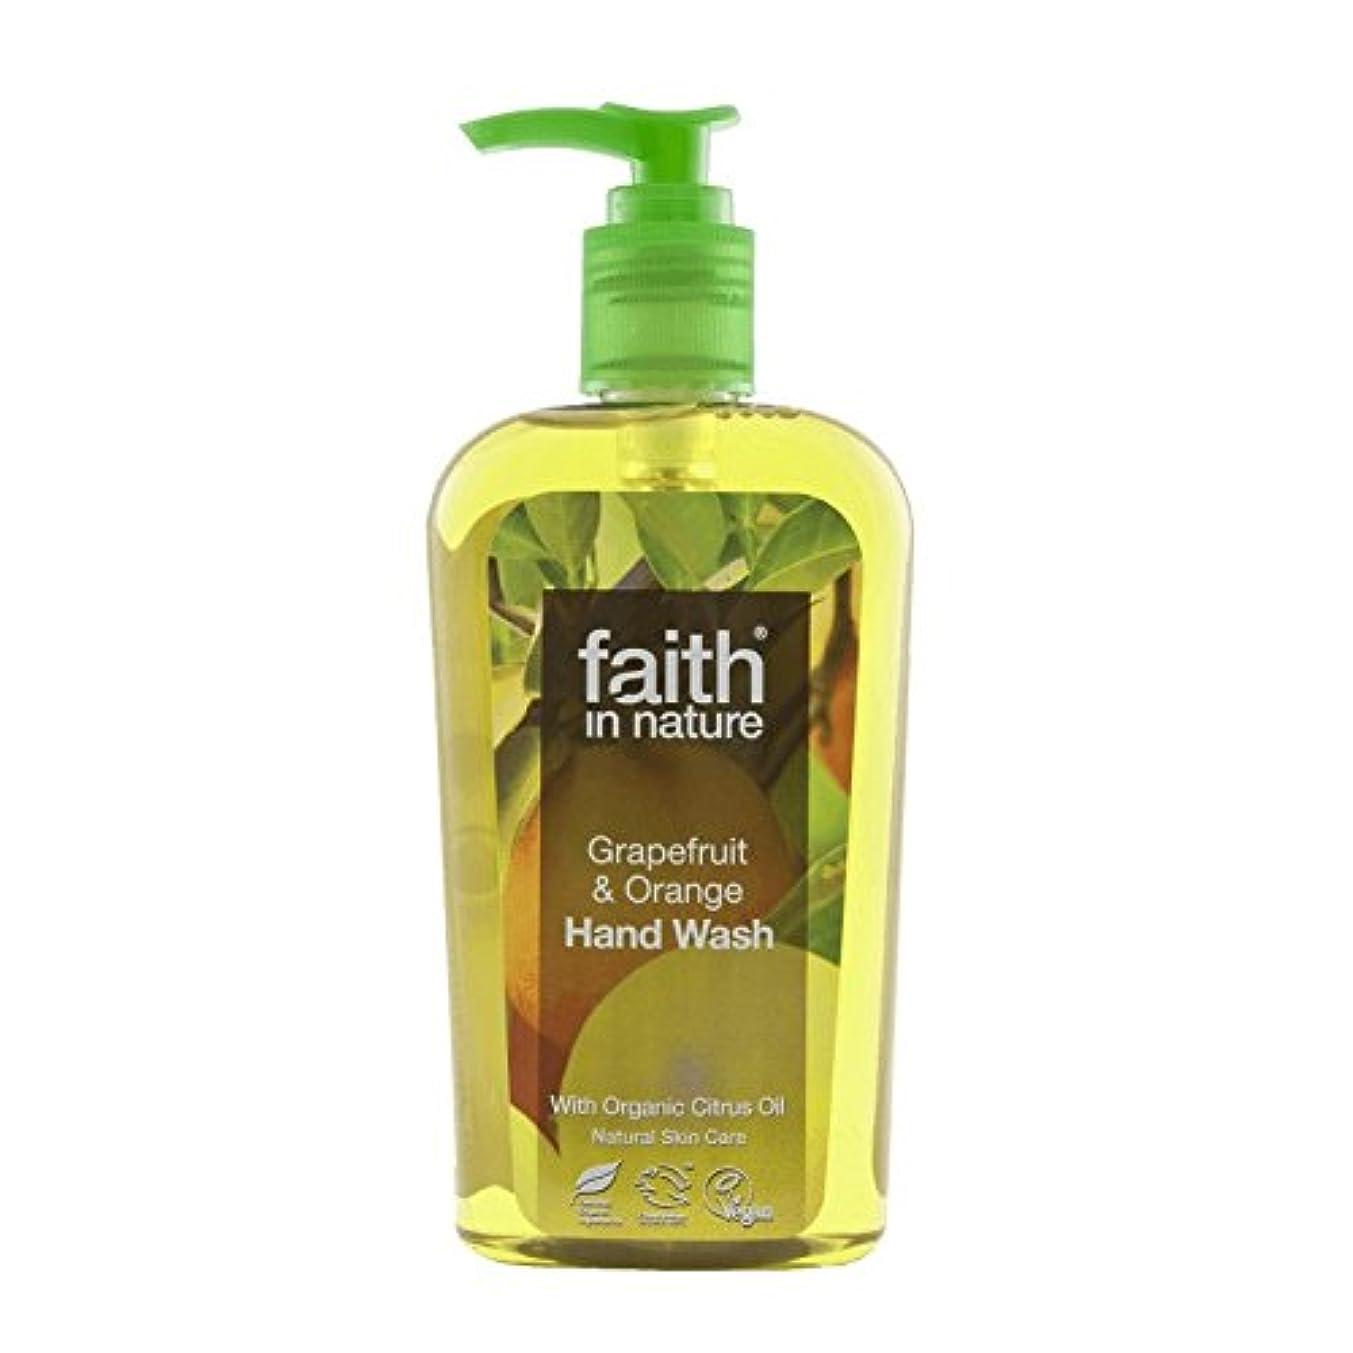 ロシア役立つ北方自然グレープフルーツ&オレンジ手洗いの300ミリリットルの信仰 - Faith In Nature Grapefruit & Orange Handwash 300ml (Faith in Nature) [並行輸入品]